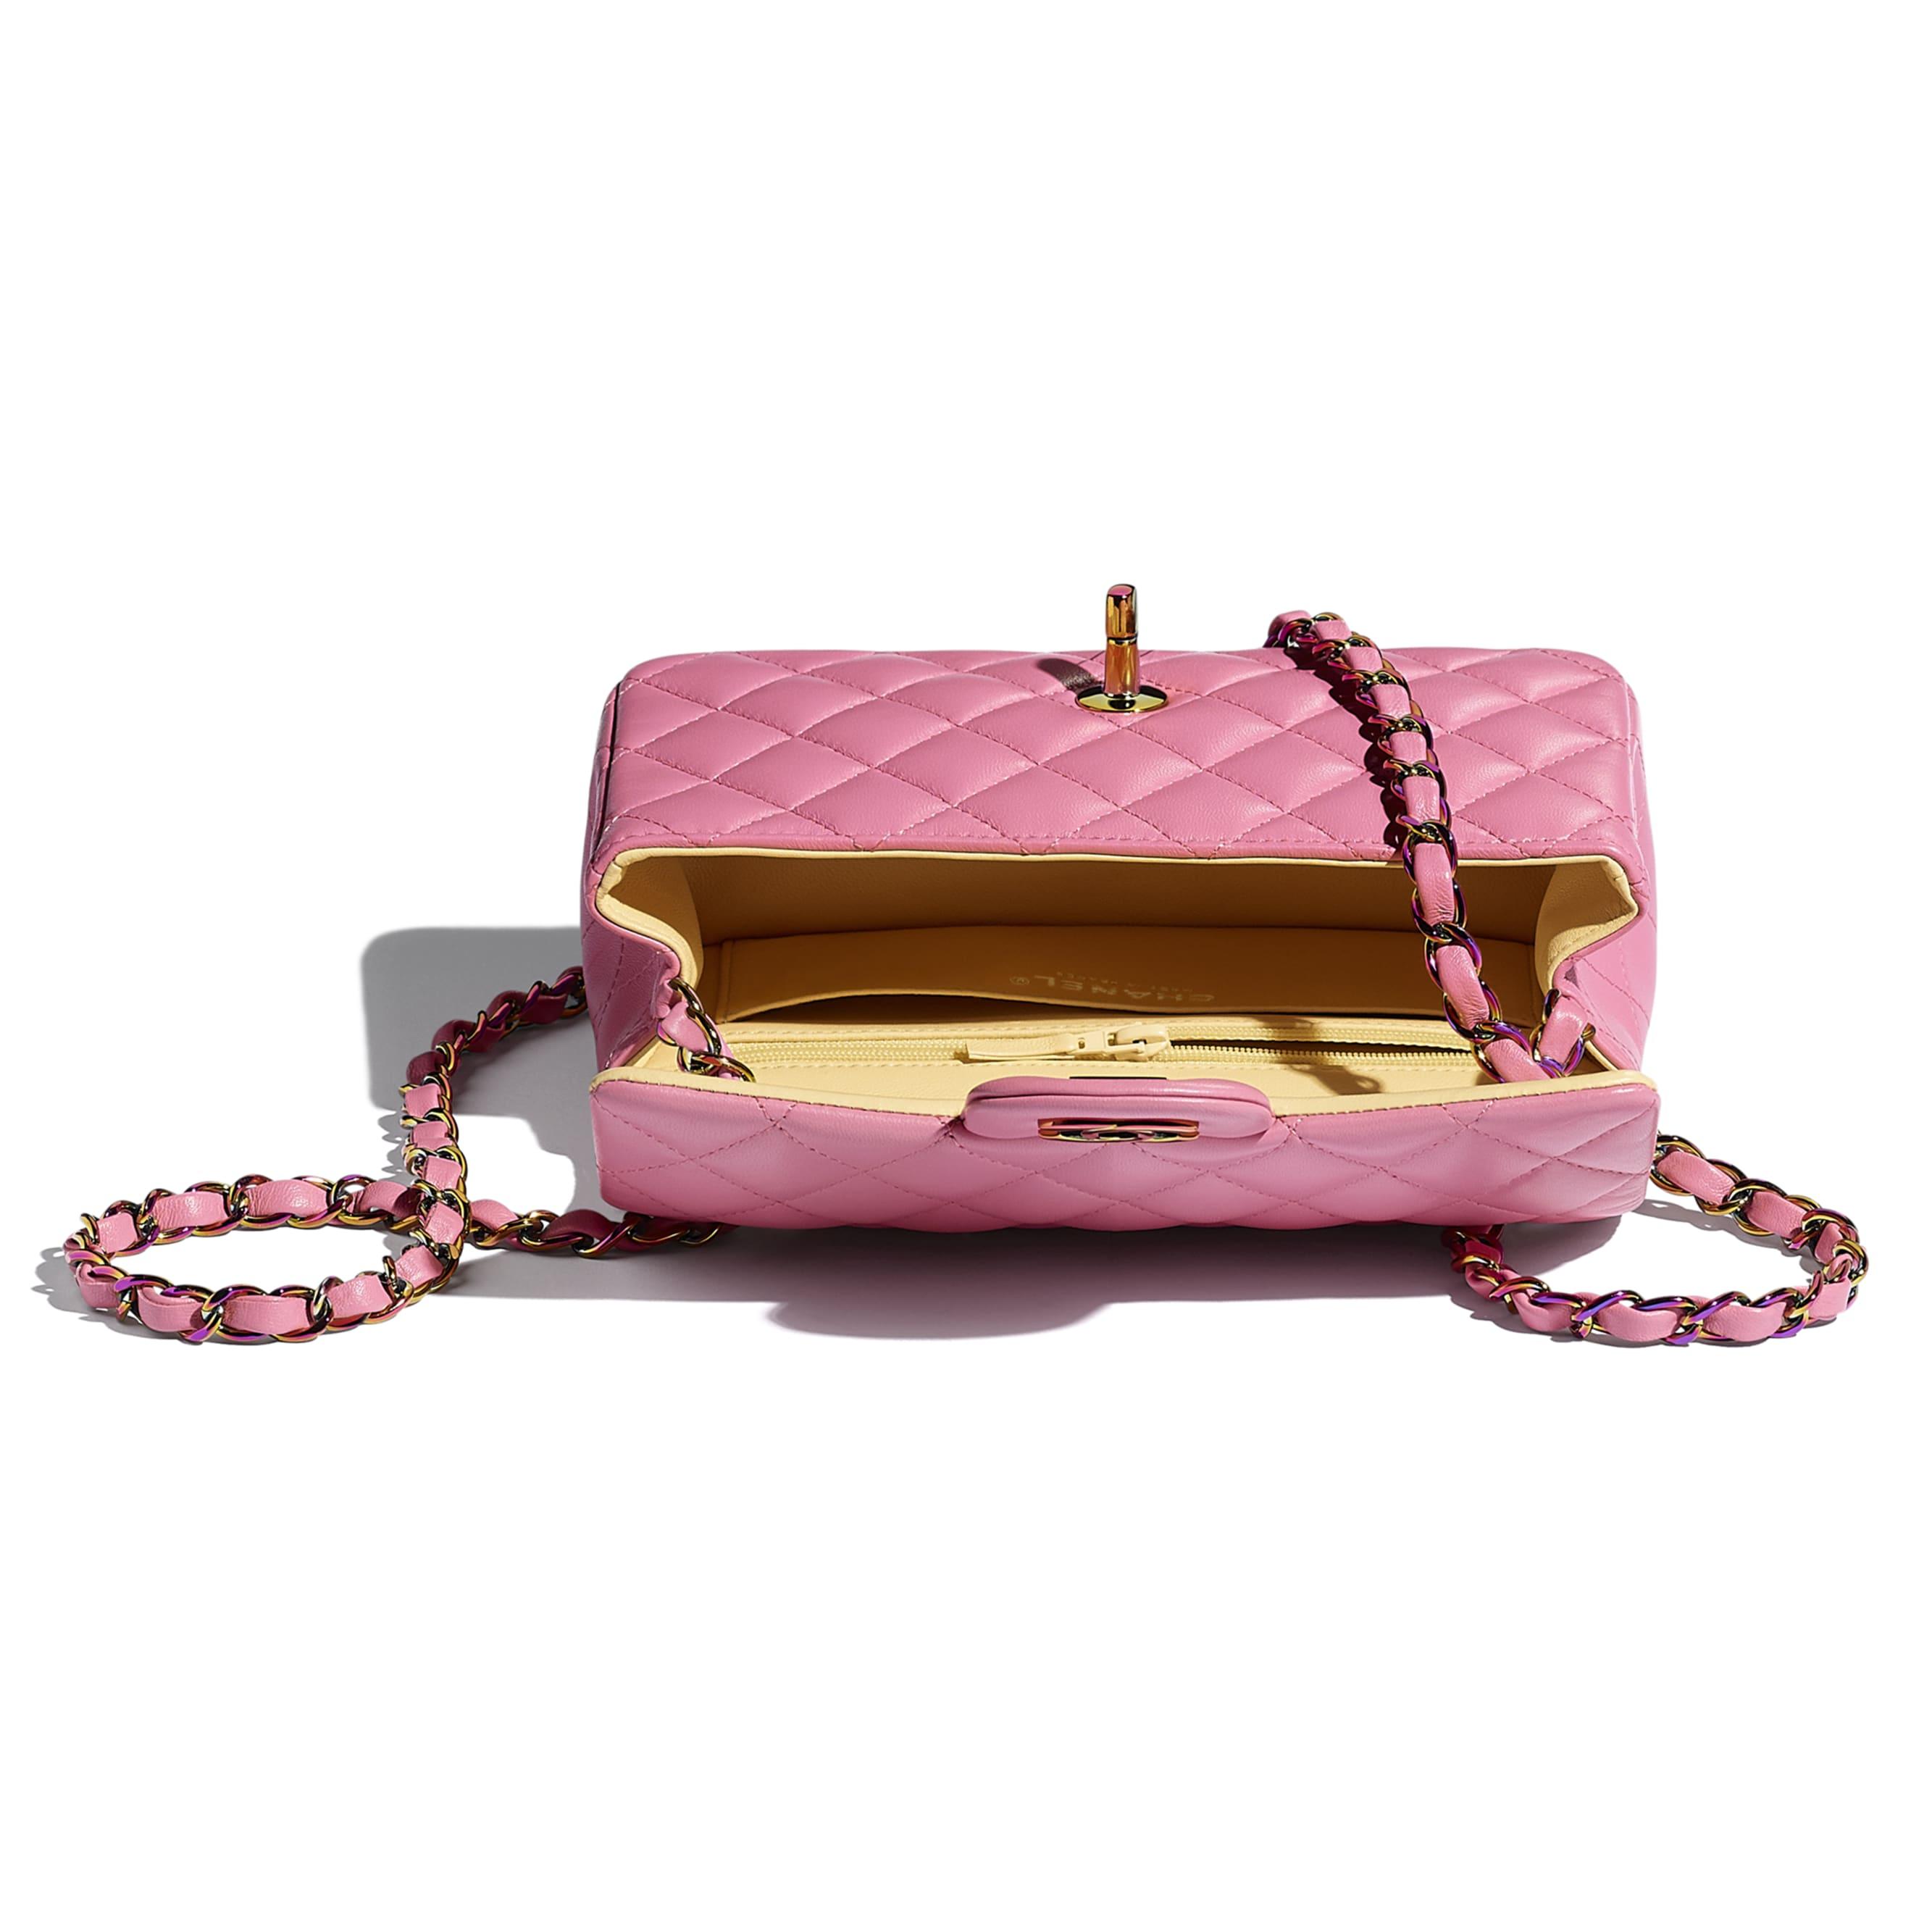 Сумка-конверт - Розовый - Кожа ягненка и радужный металл - CHANEL - Другое изображение - посмотреть изображение стандартного размера